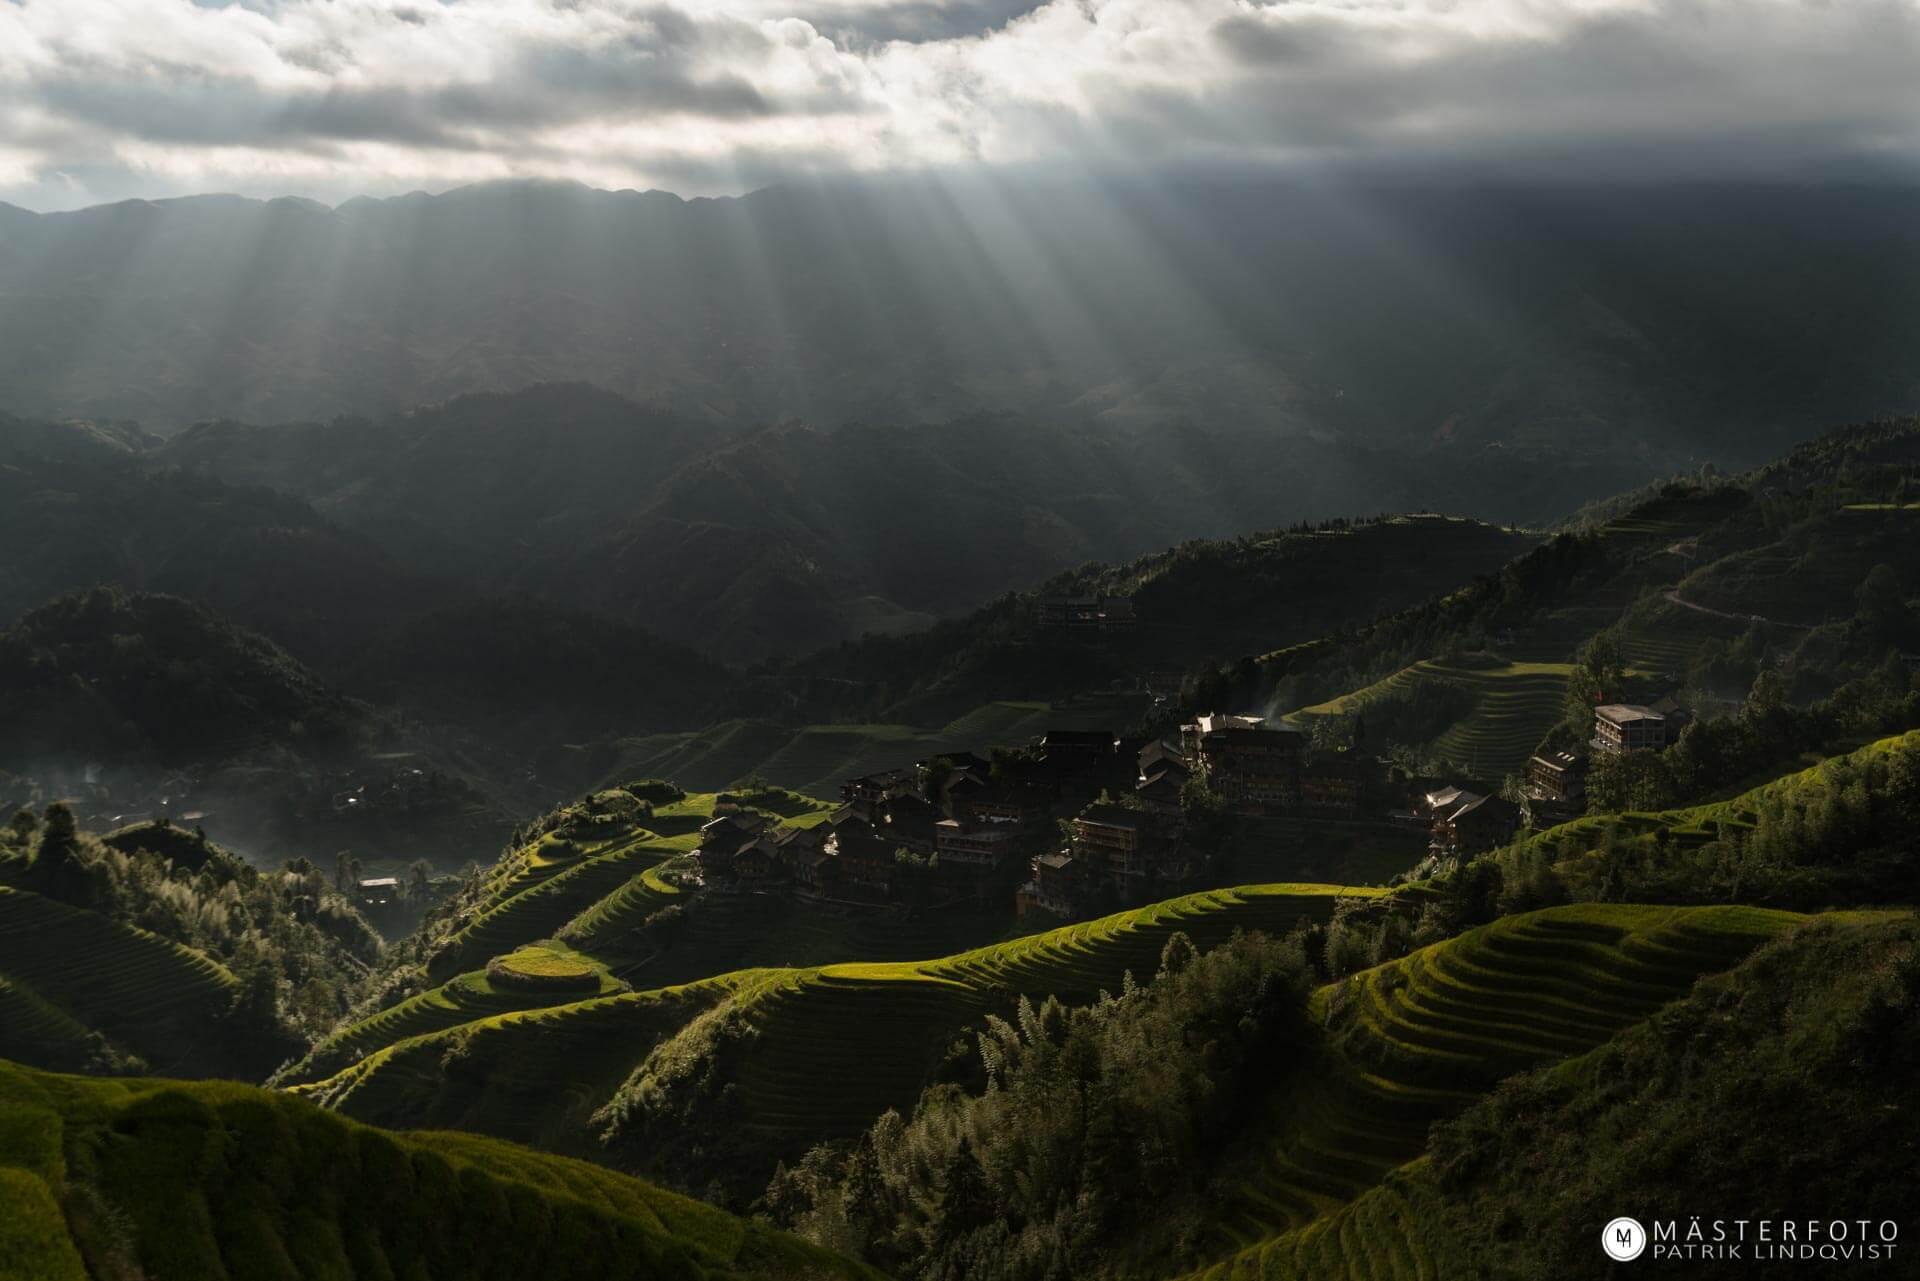 Fotoresa Kina med sagolandskap. Utveckla din fotografering